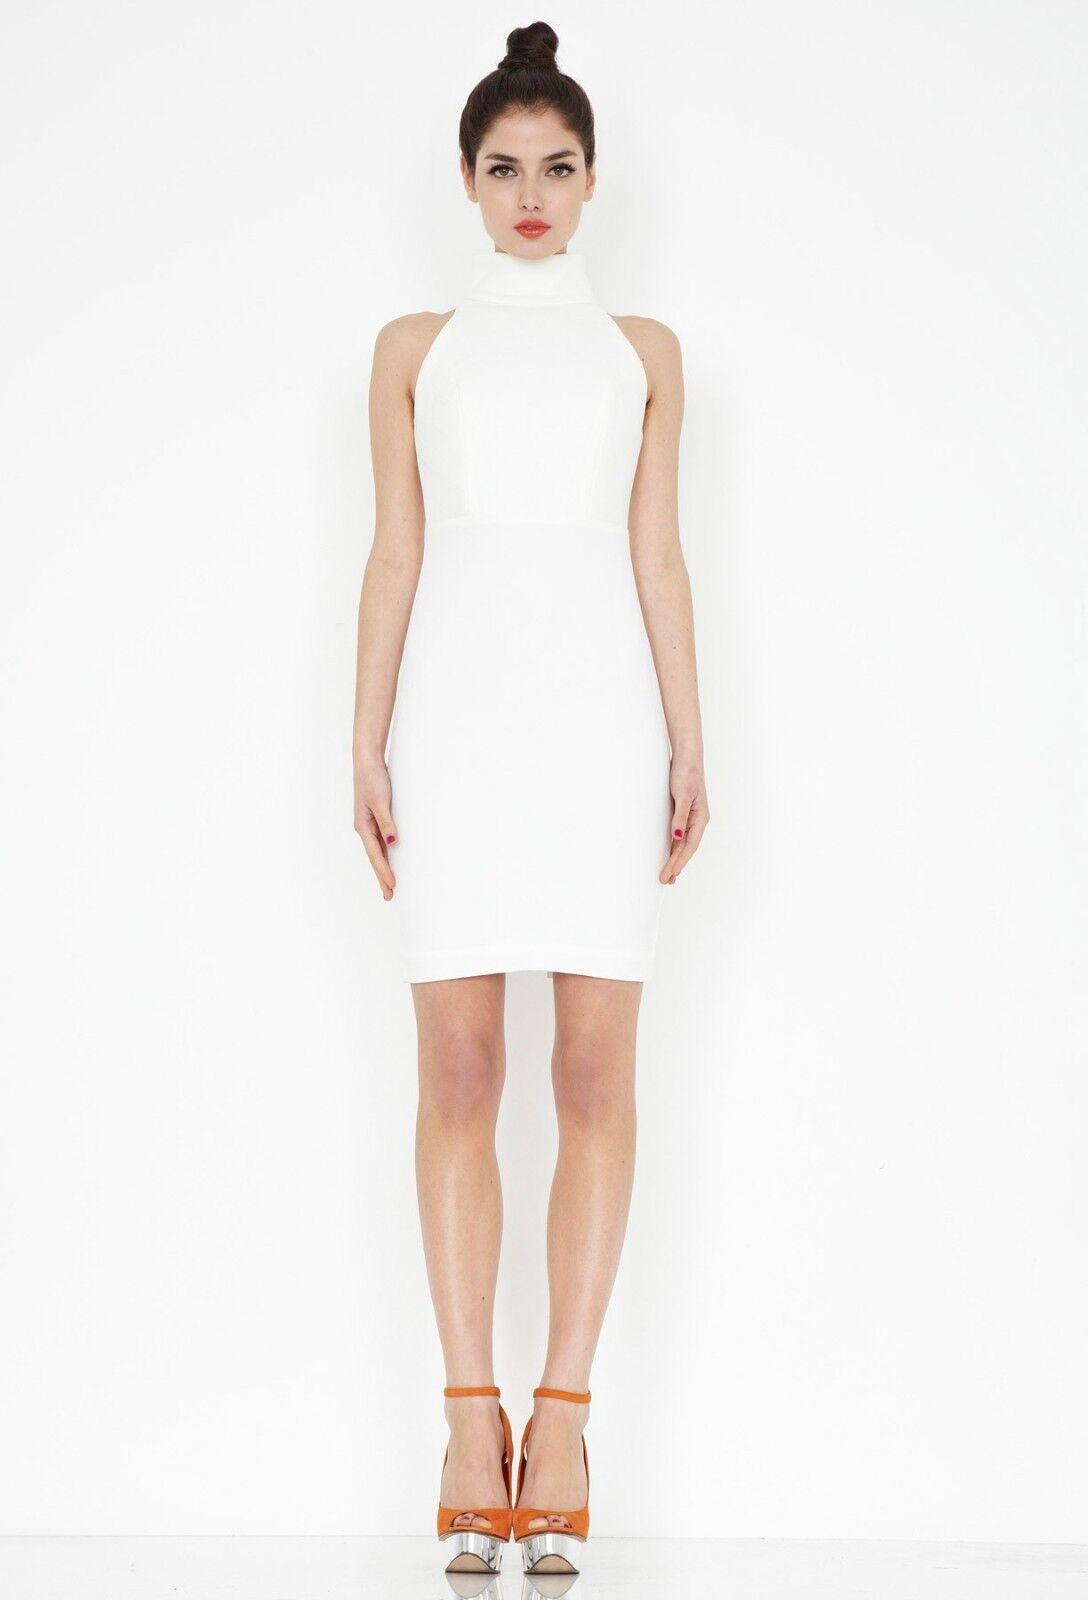 AQ AQ Secil Midi Dress Cream UK Größe 8 SK092 CC 03